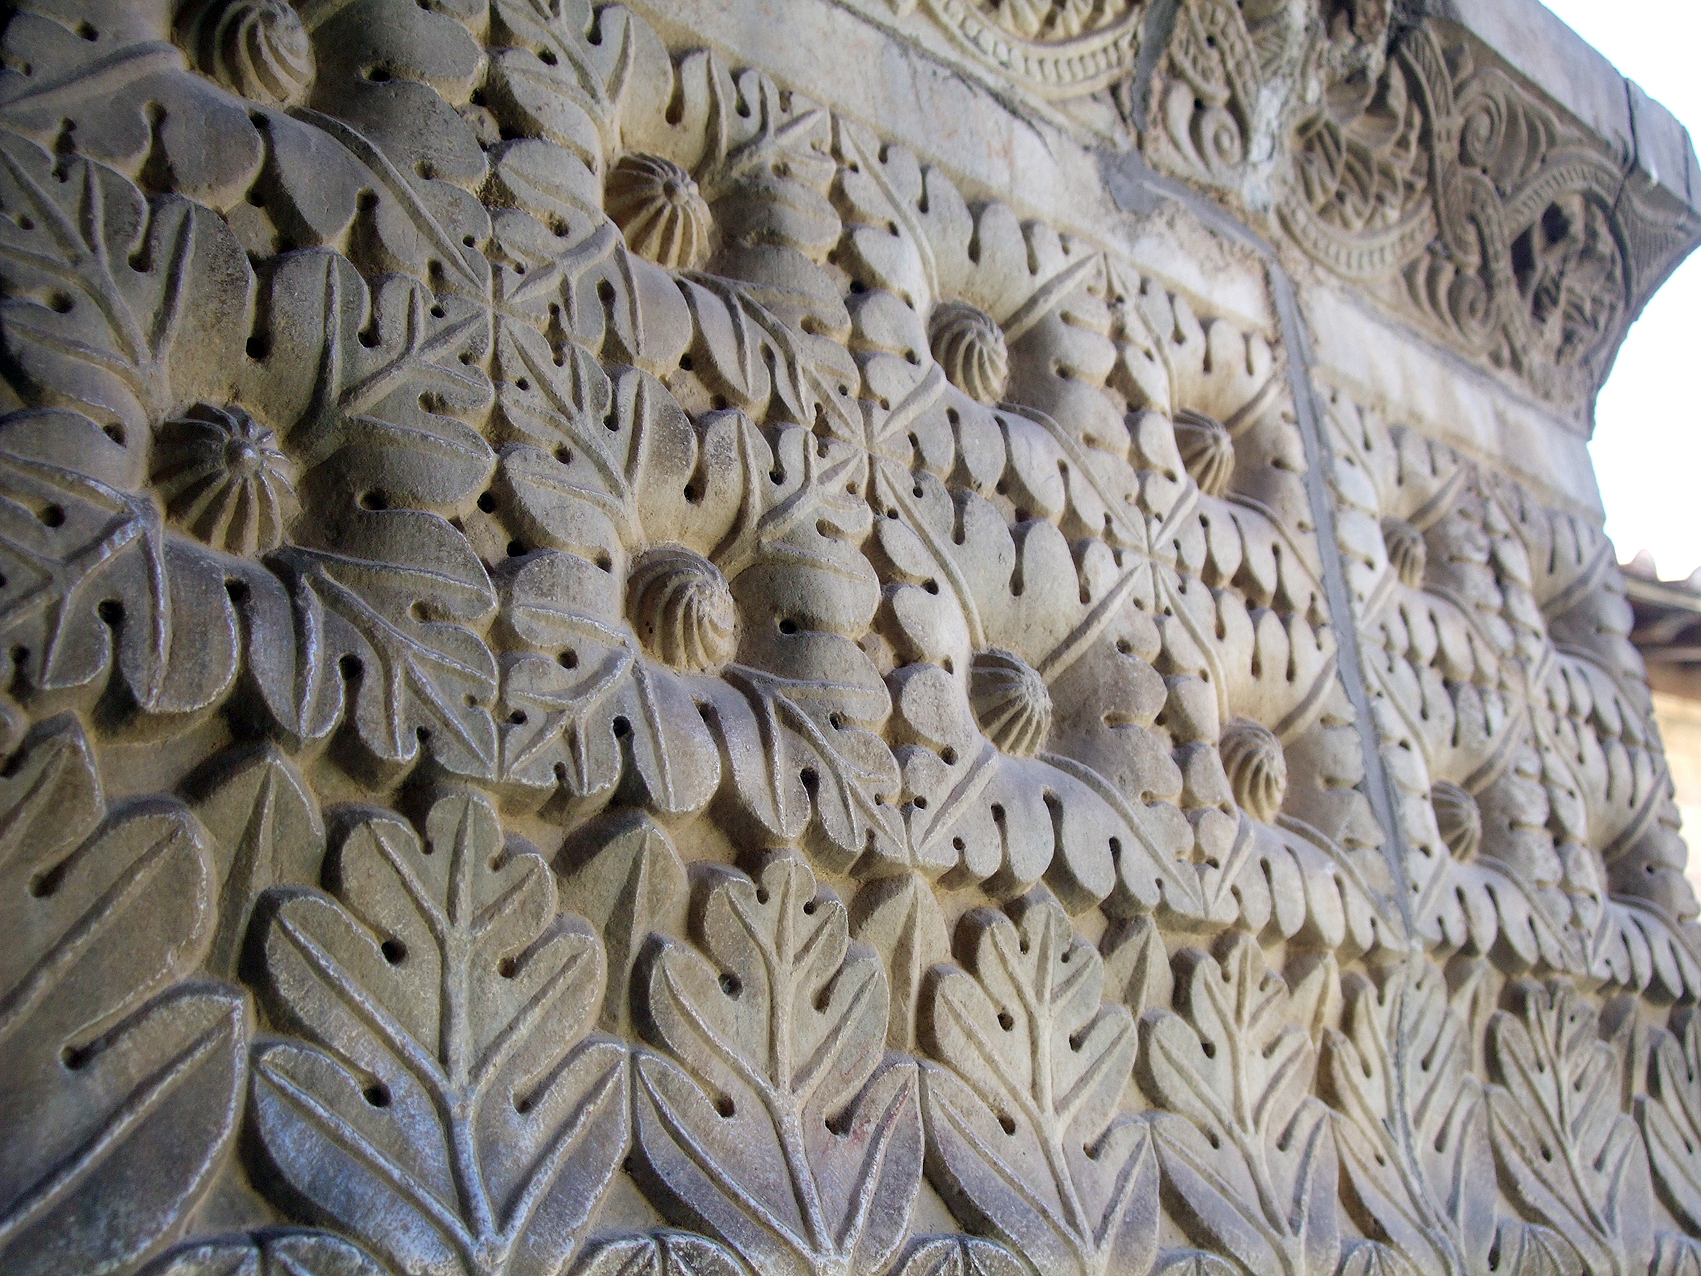 24.08.2008 Capitell bellament esculpit i amb una simetria perfecta a base de rics motius vegetals             Catedral d'Elna (Rosselló) -  Jordi Bibià